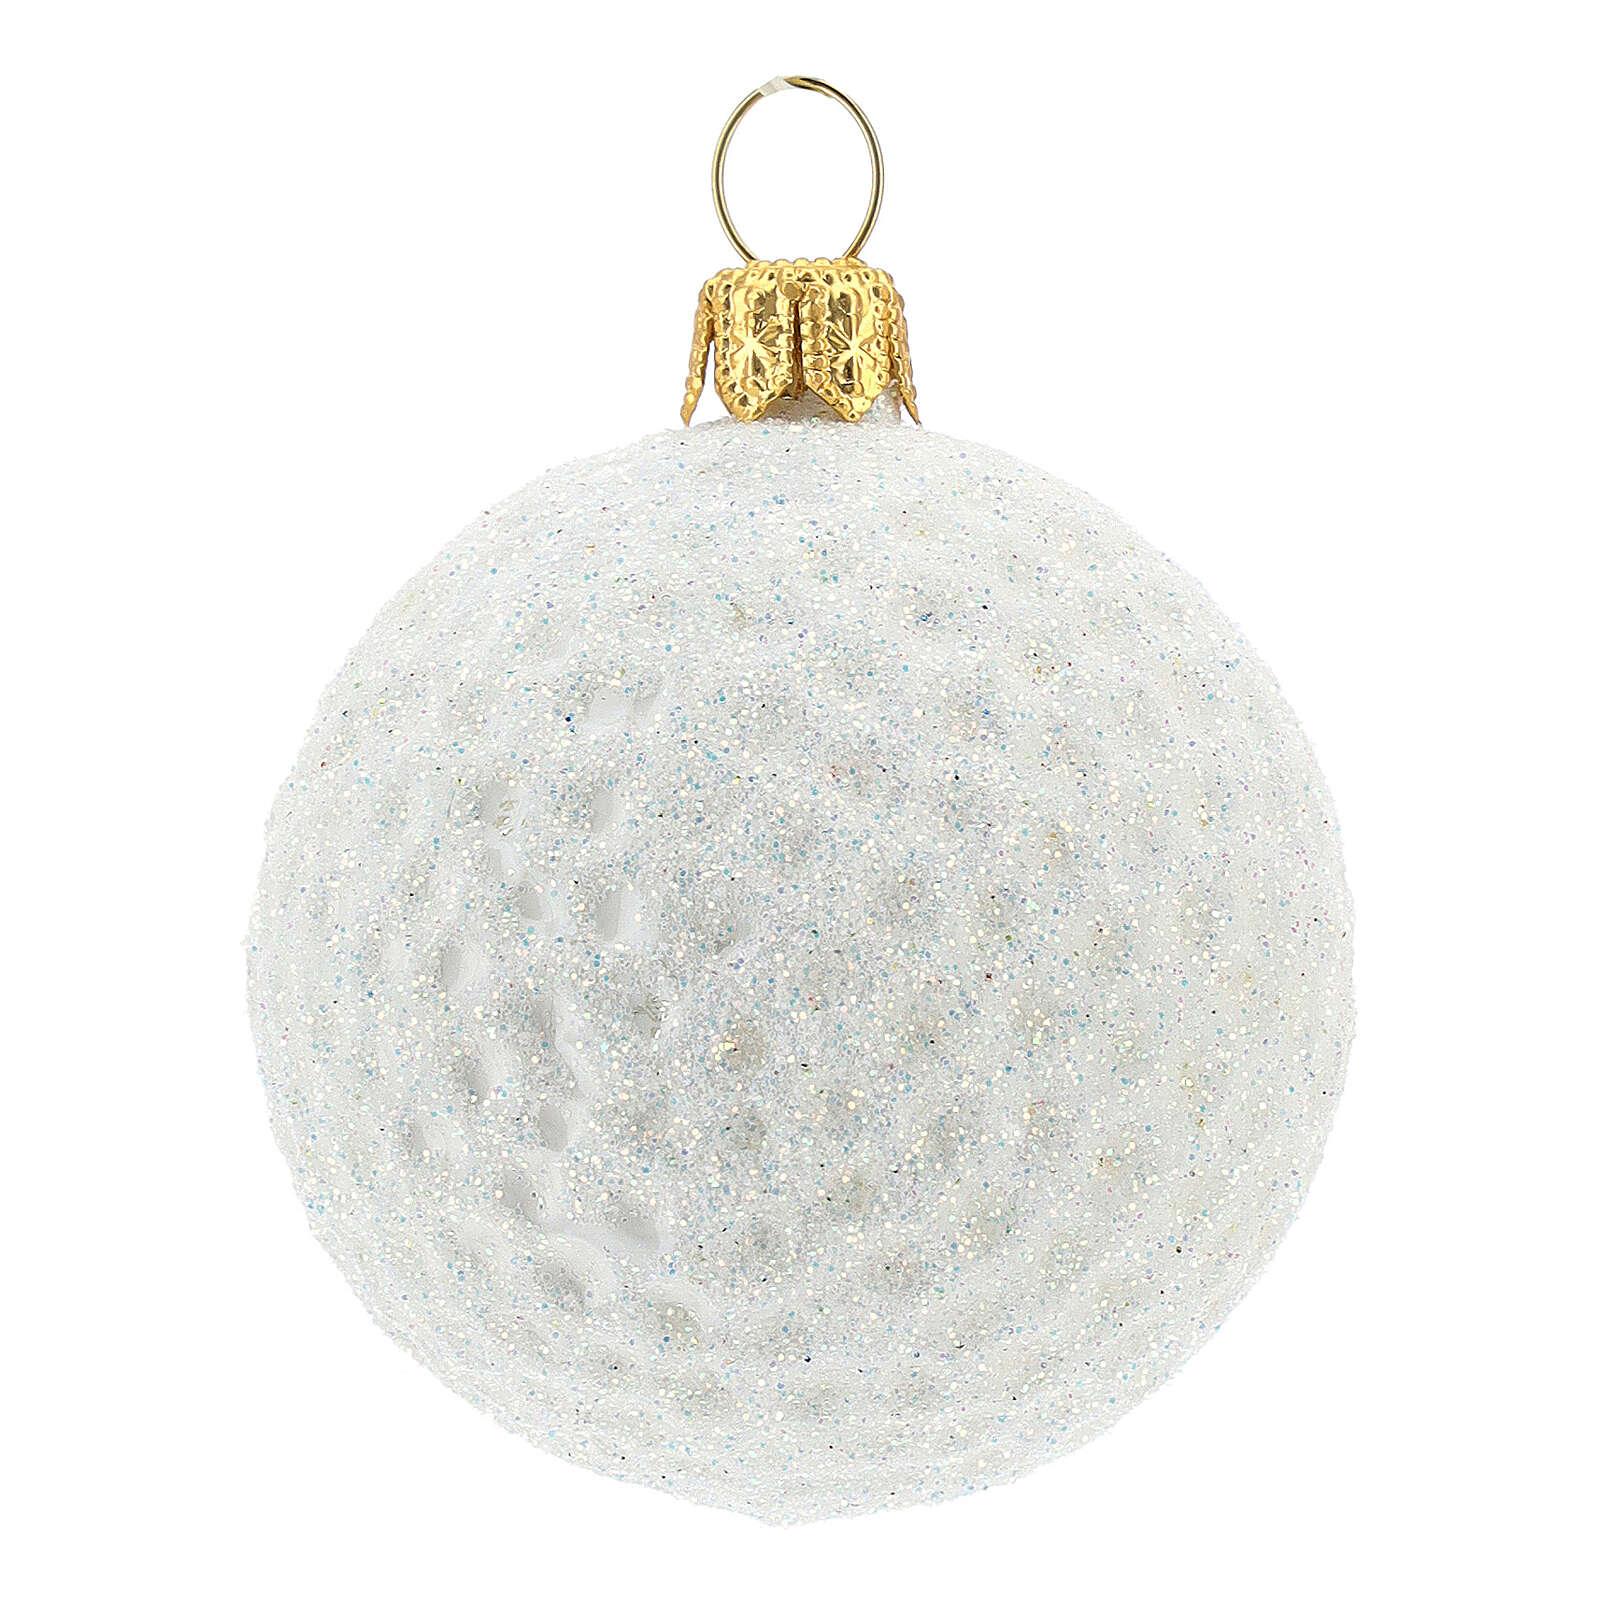 Blown glass Christmas ornament, golf ball 4